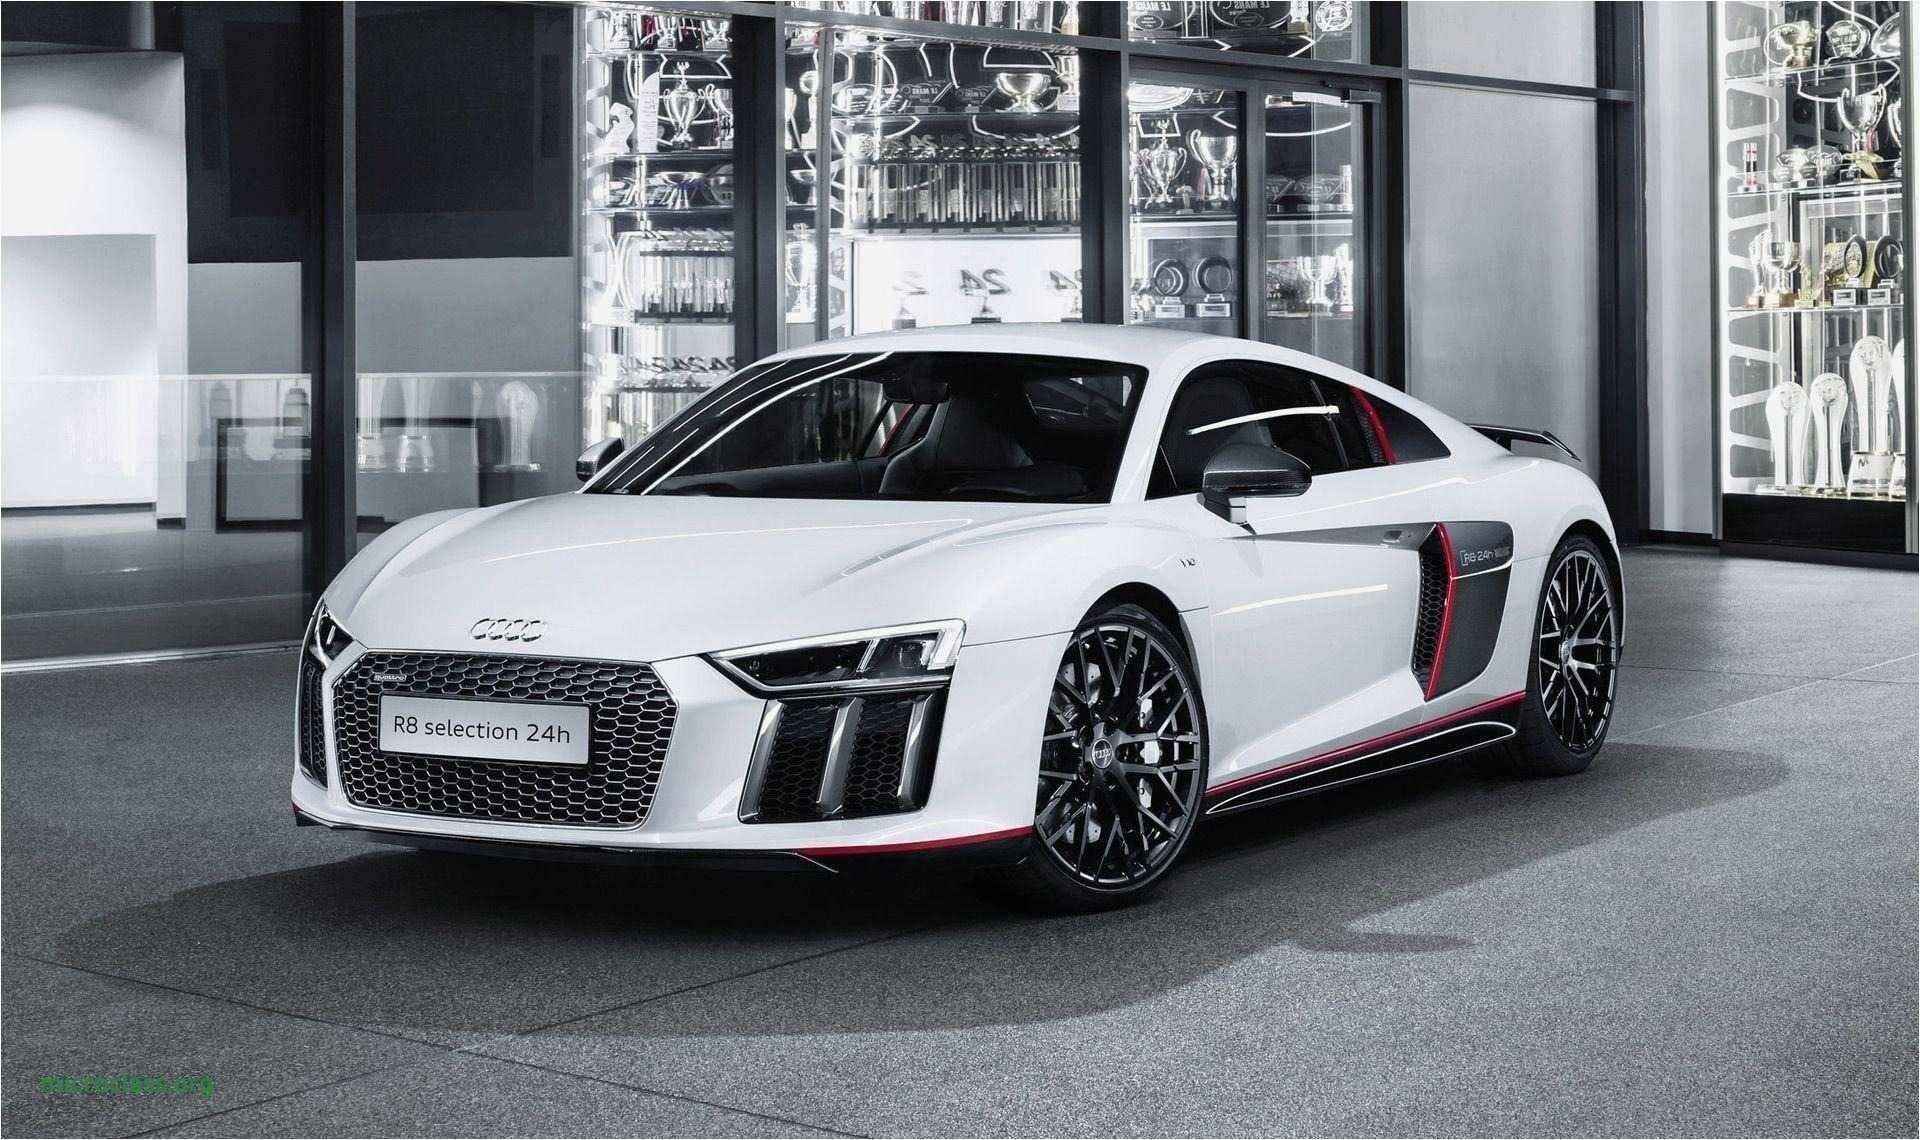 2020 Audi R8 LMXs Images